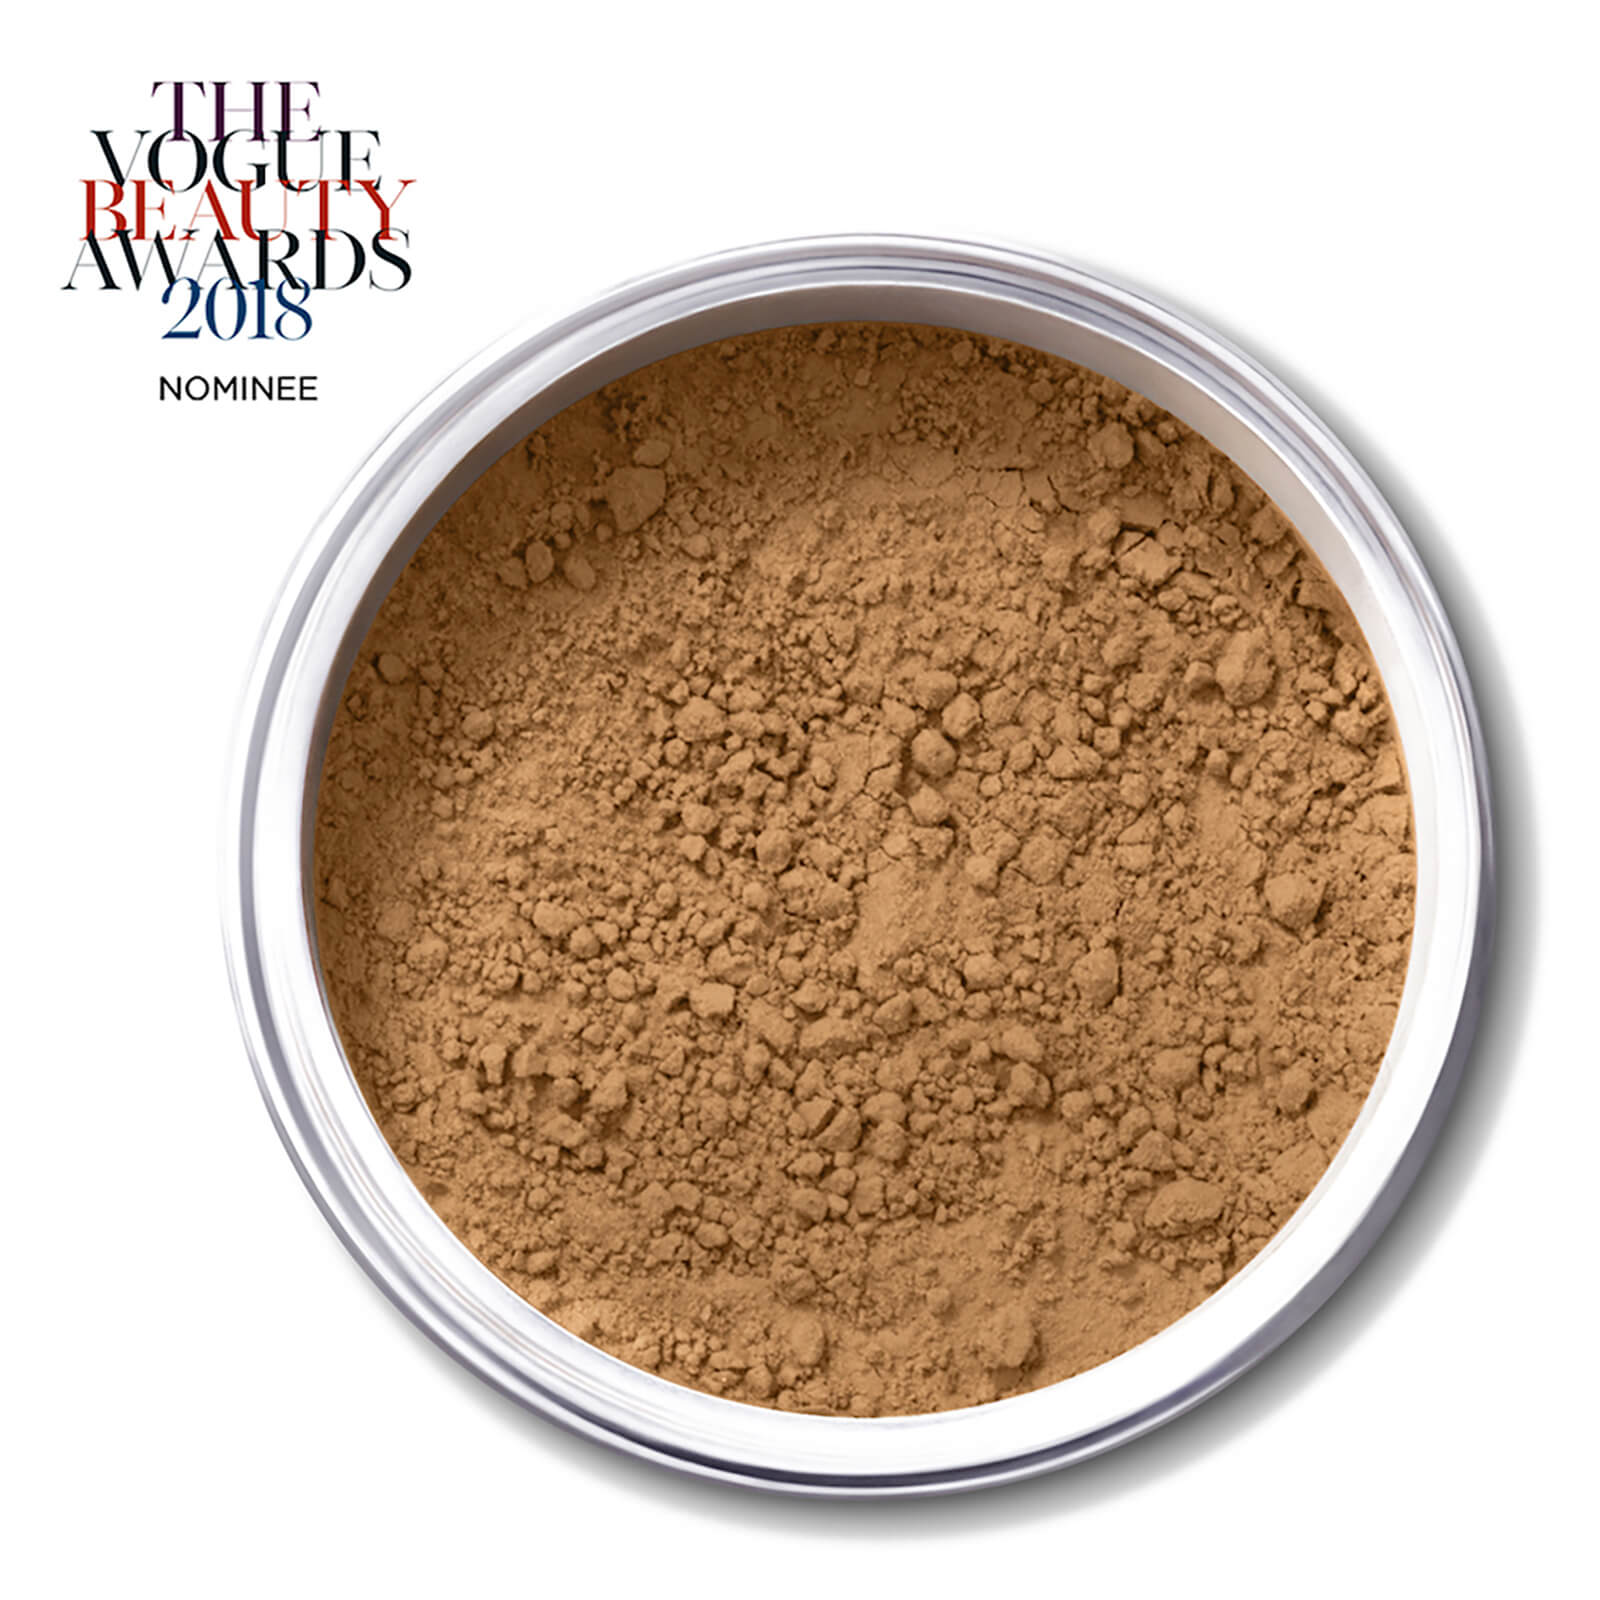 Купить Рассыпчатая пудра-основа EX1 Cosmetics Pure Crushed Mineral Powder Foundation 8 г (различные оттенки) - 11.0